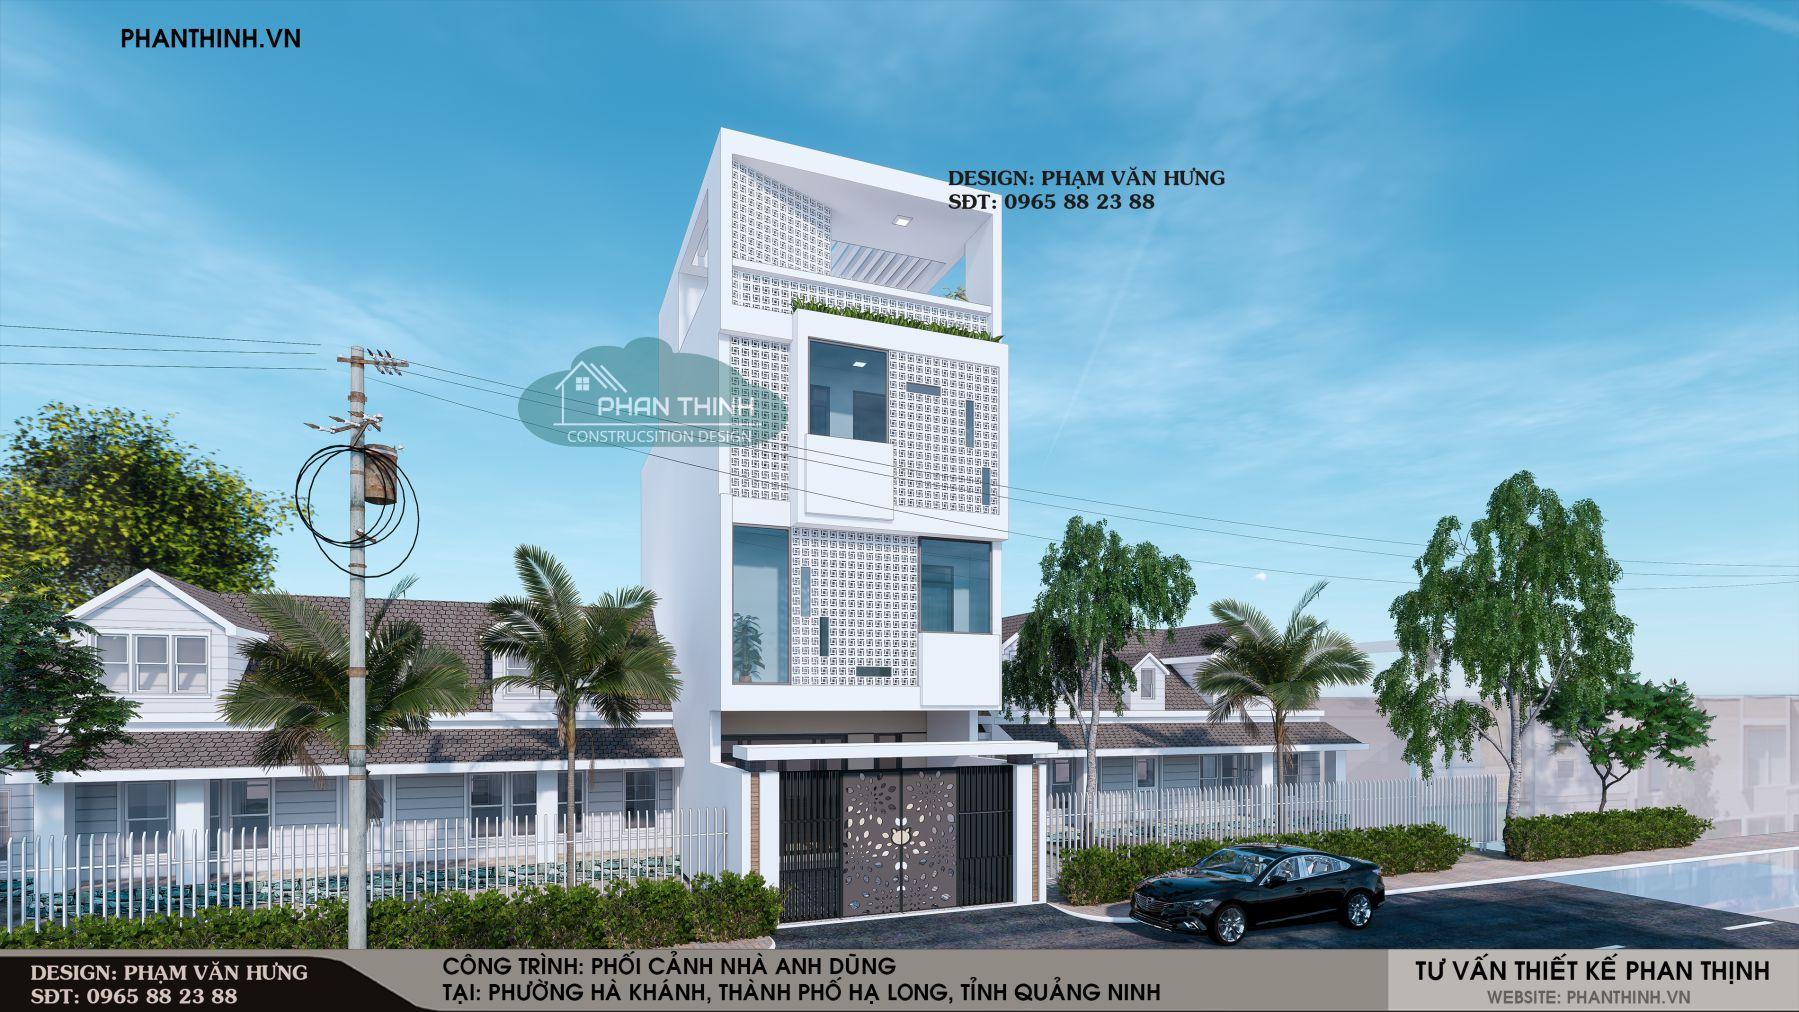 Thiết kế nhà phố hướng Tây ở Quảng Ninh